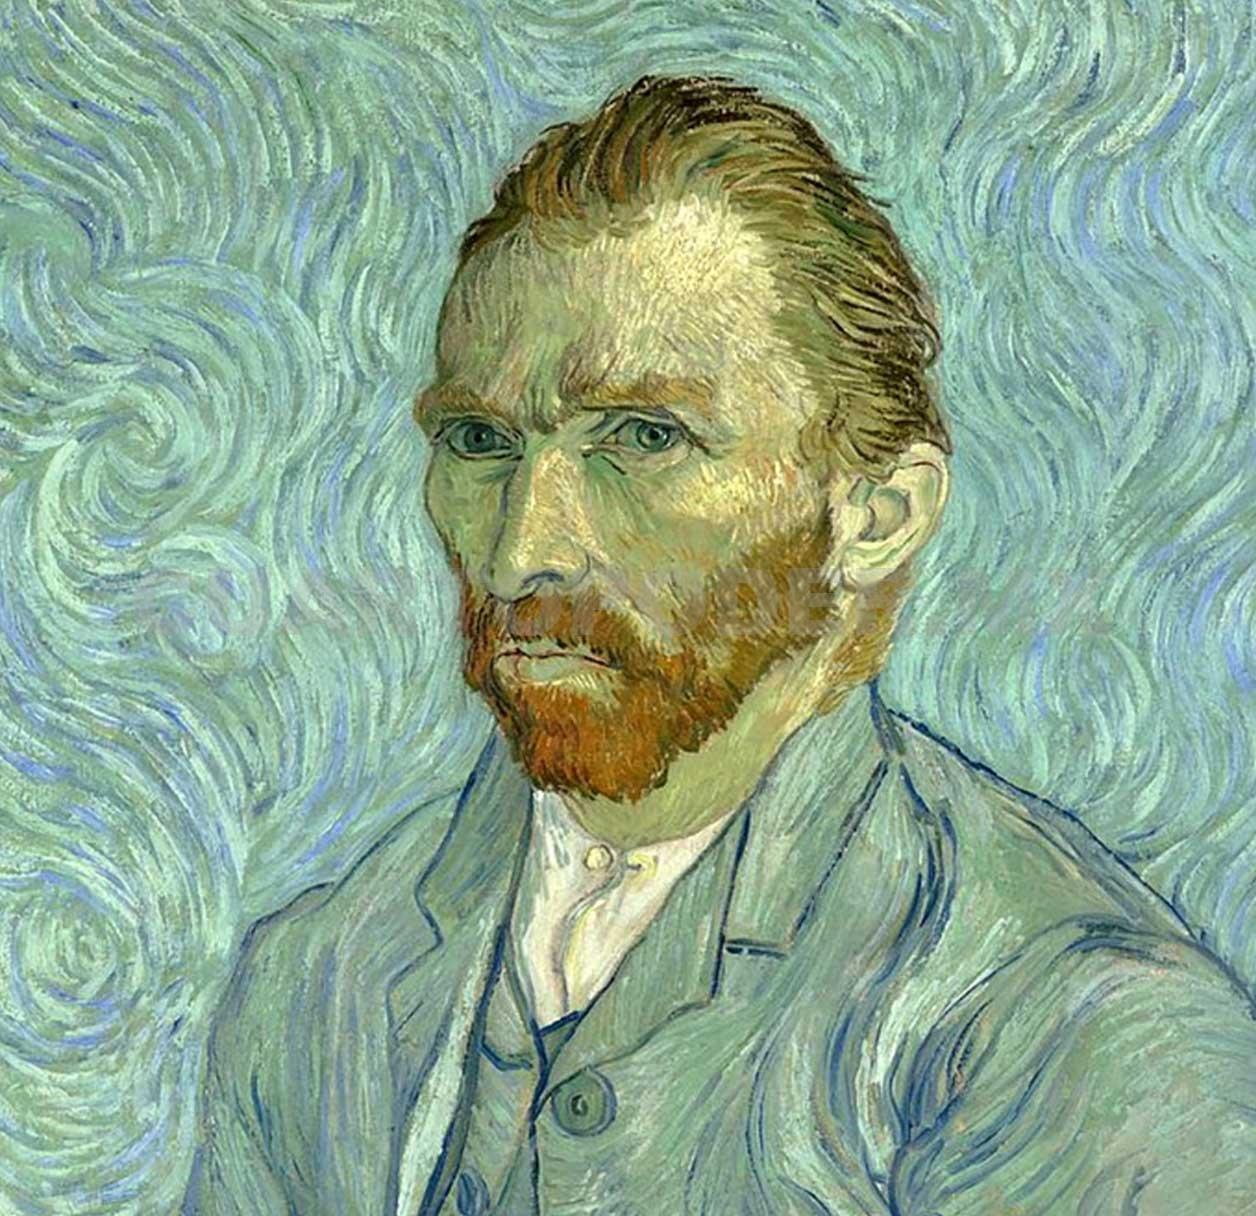 Un autorretrato de Vincent Van Gogh con un sombrero de paja b3e37bc4c28